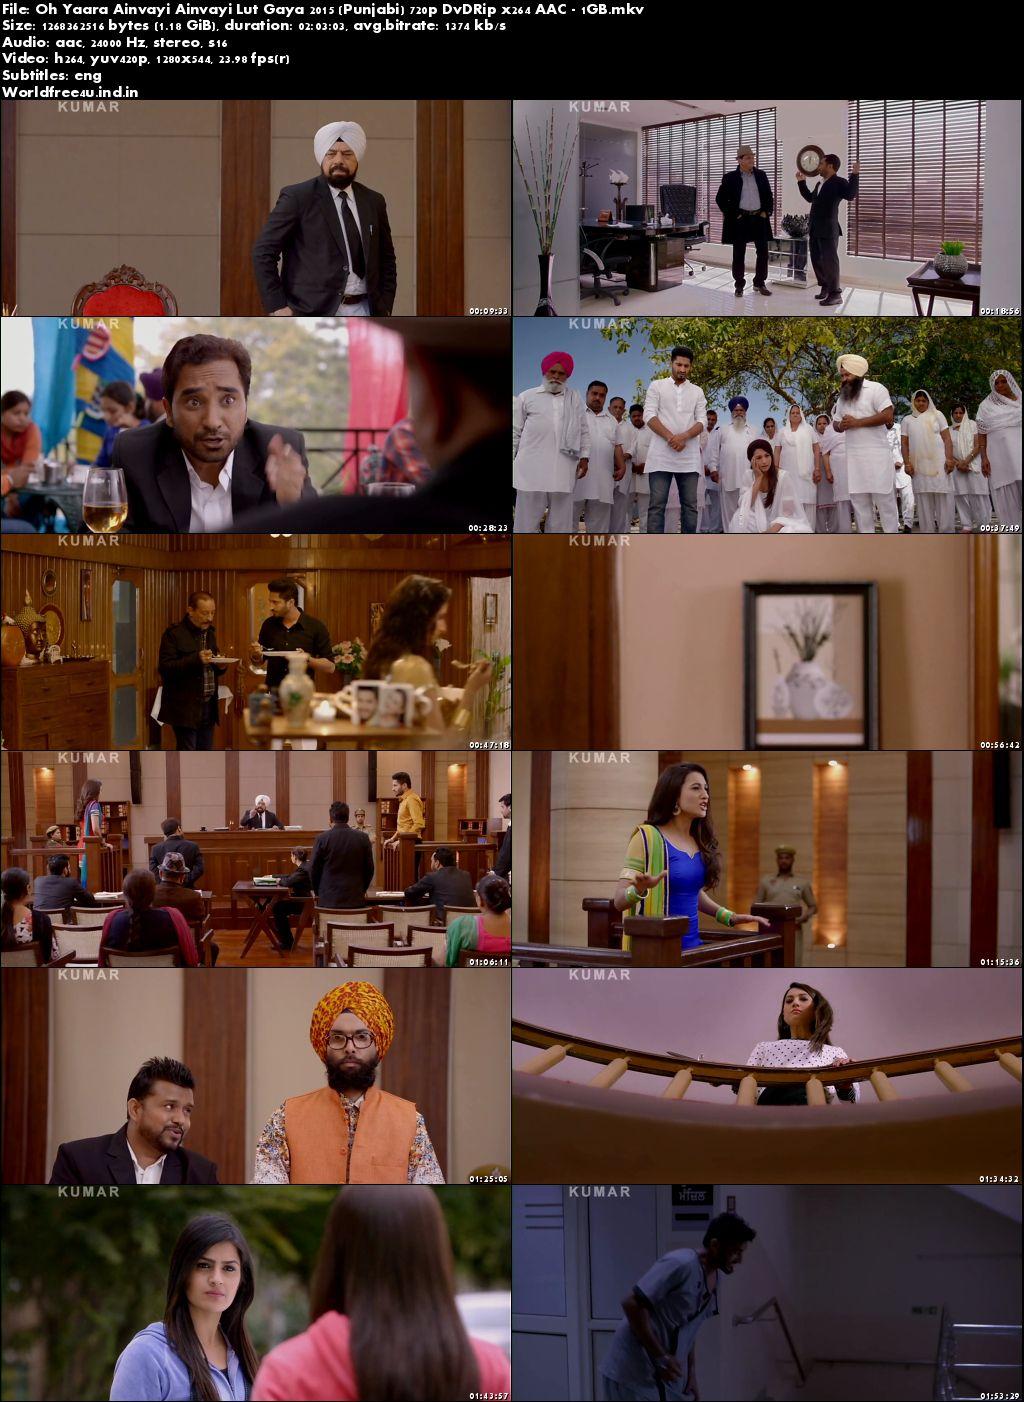 Screen Shoot of Oh Yaara Ainvayi Ainvayi Lut Gaya 2015 Full Punjabi Movie DVDRip 720p